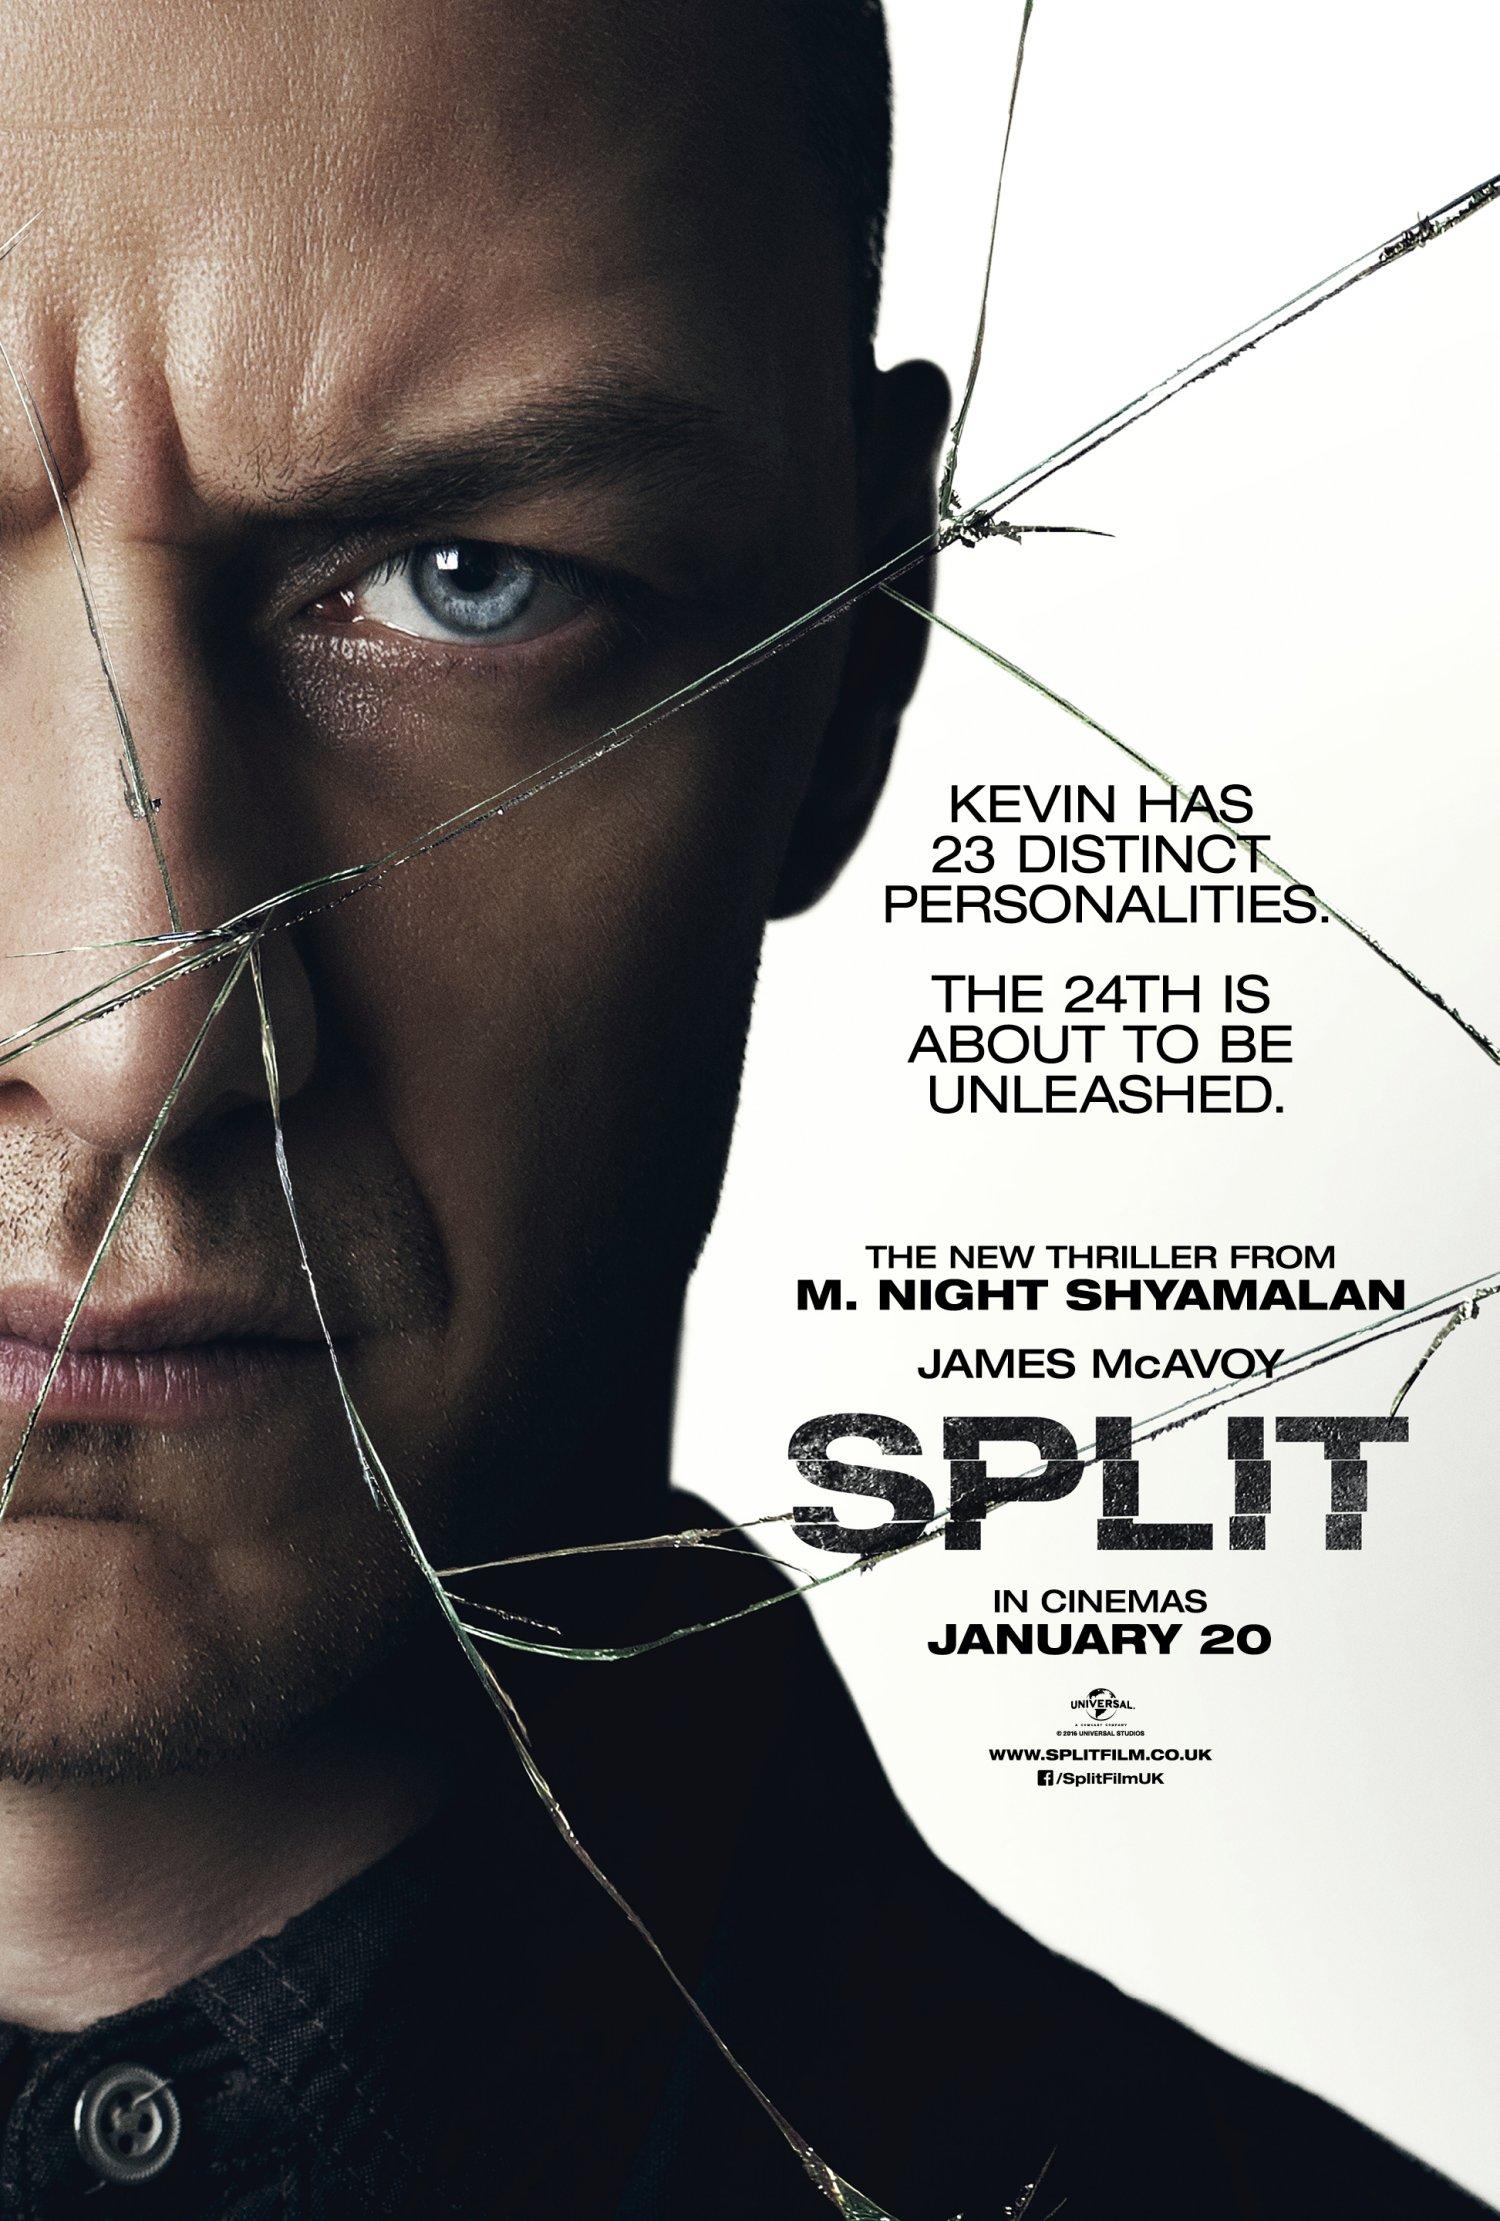 http://coyotepr.uk/wp-content/uploads/2016/11/Split-UK-poster.jpg